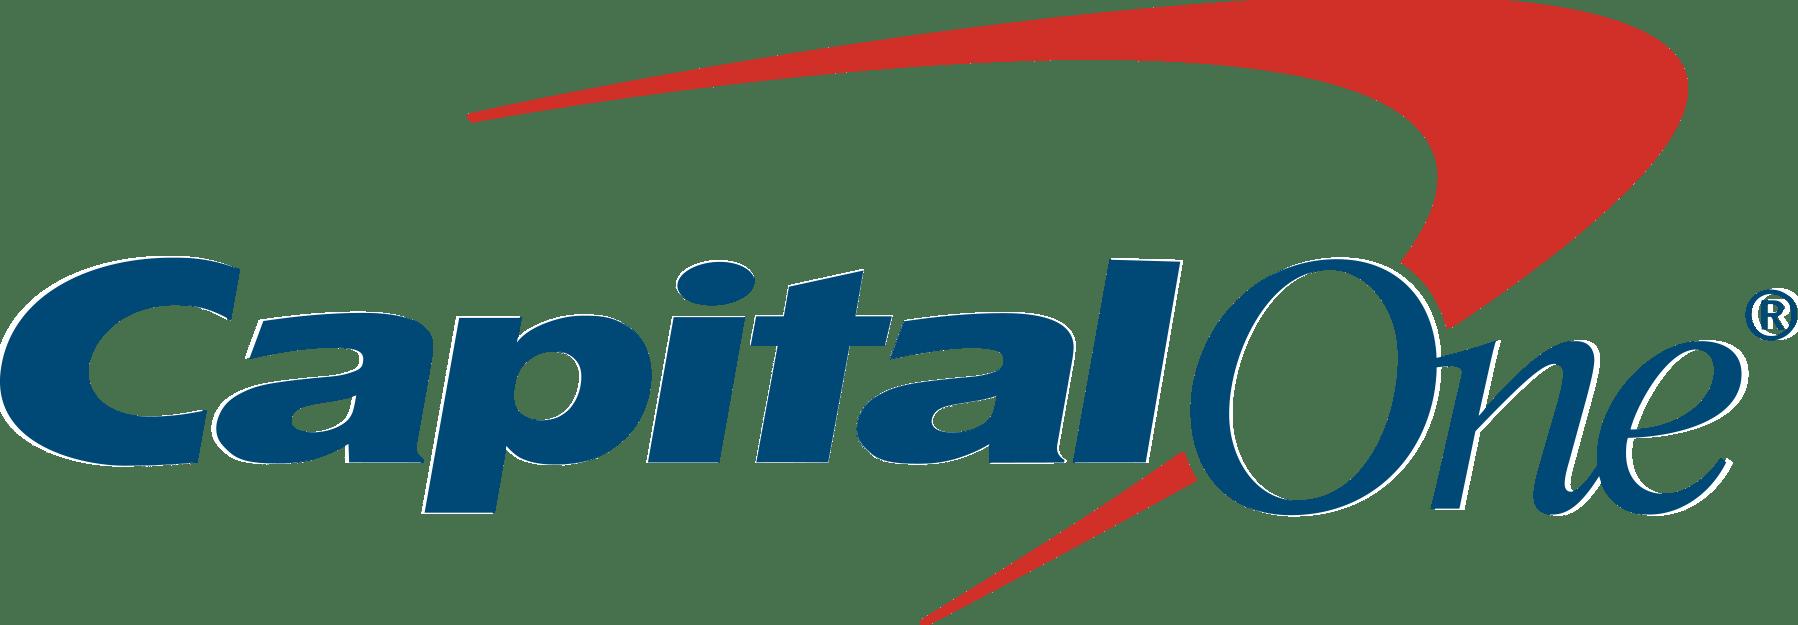 capital cartão um empreendimento de transferência de saldo